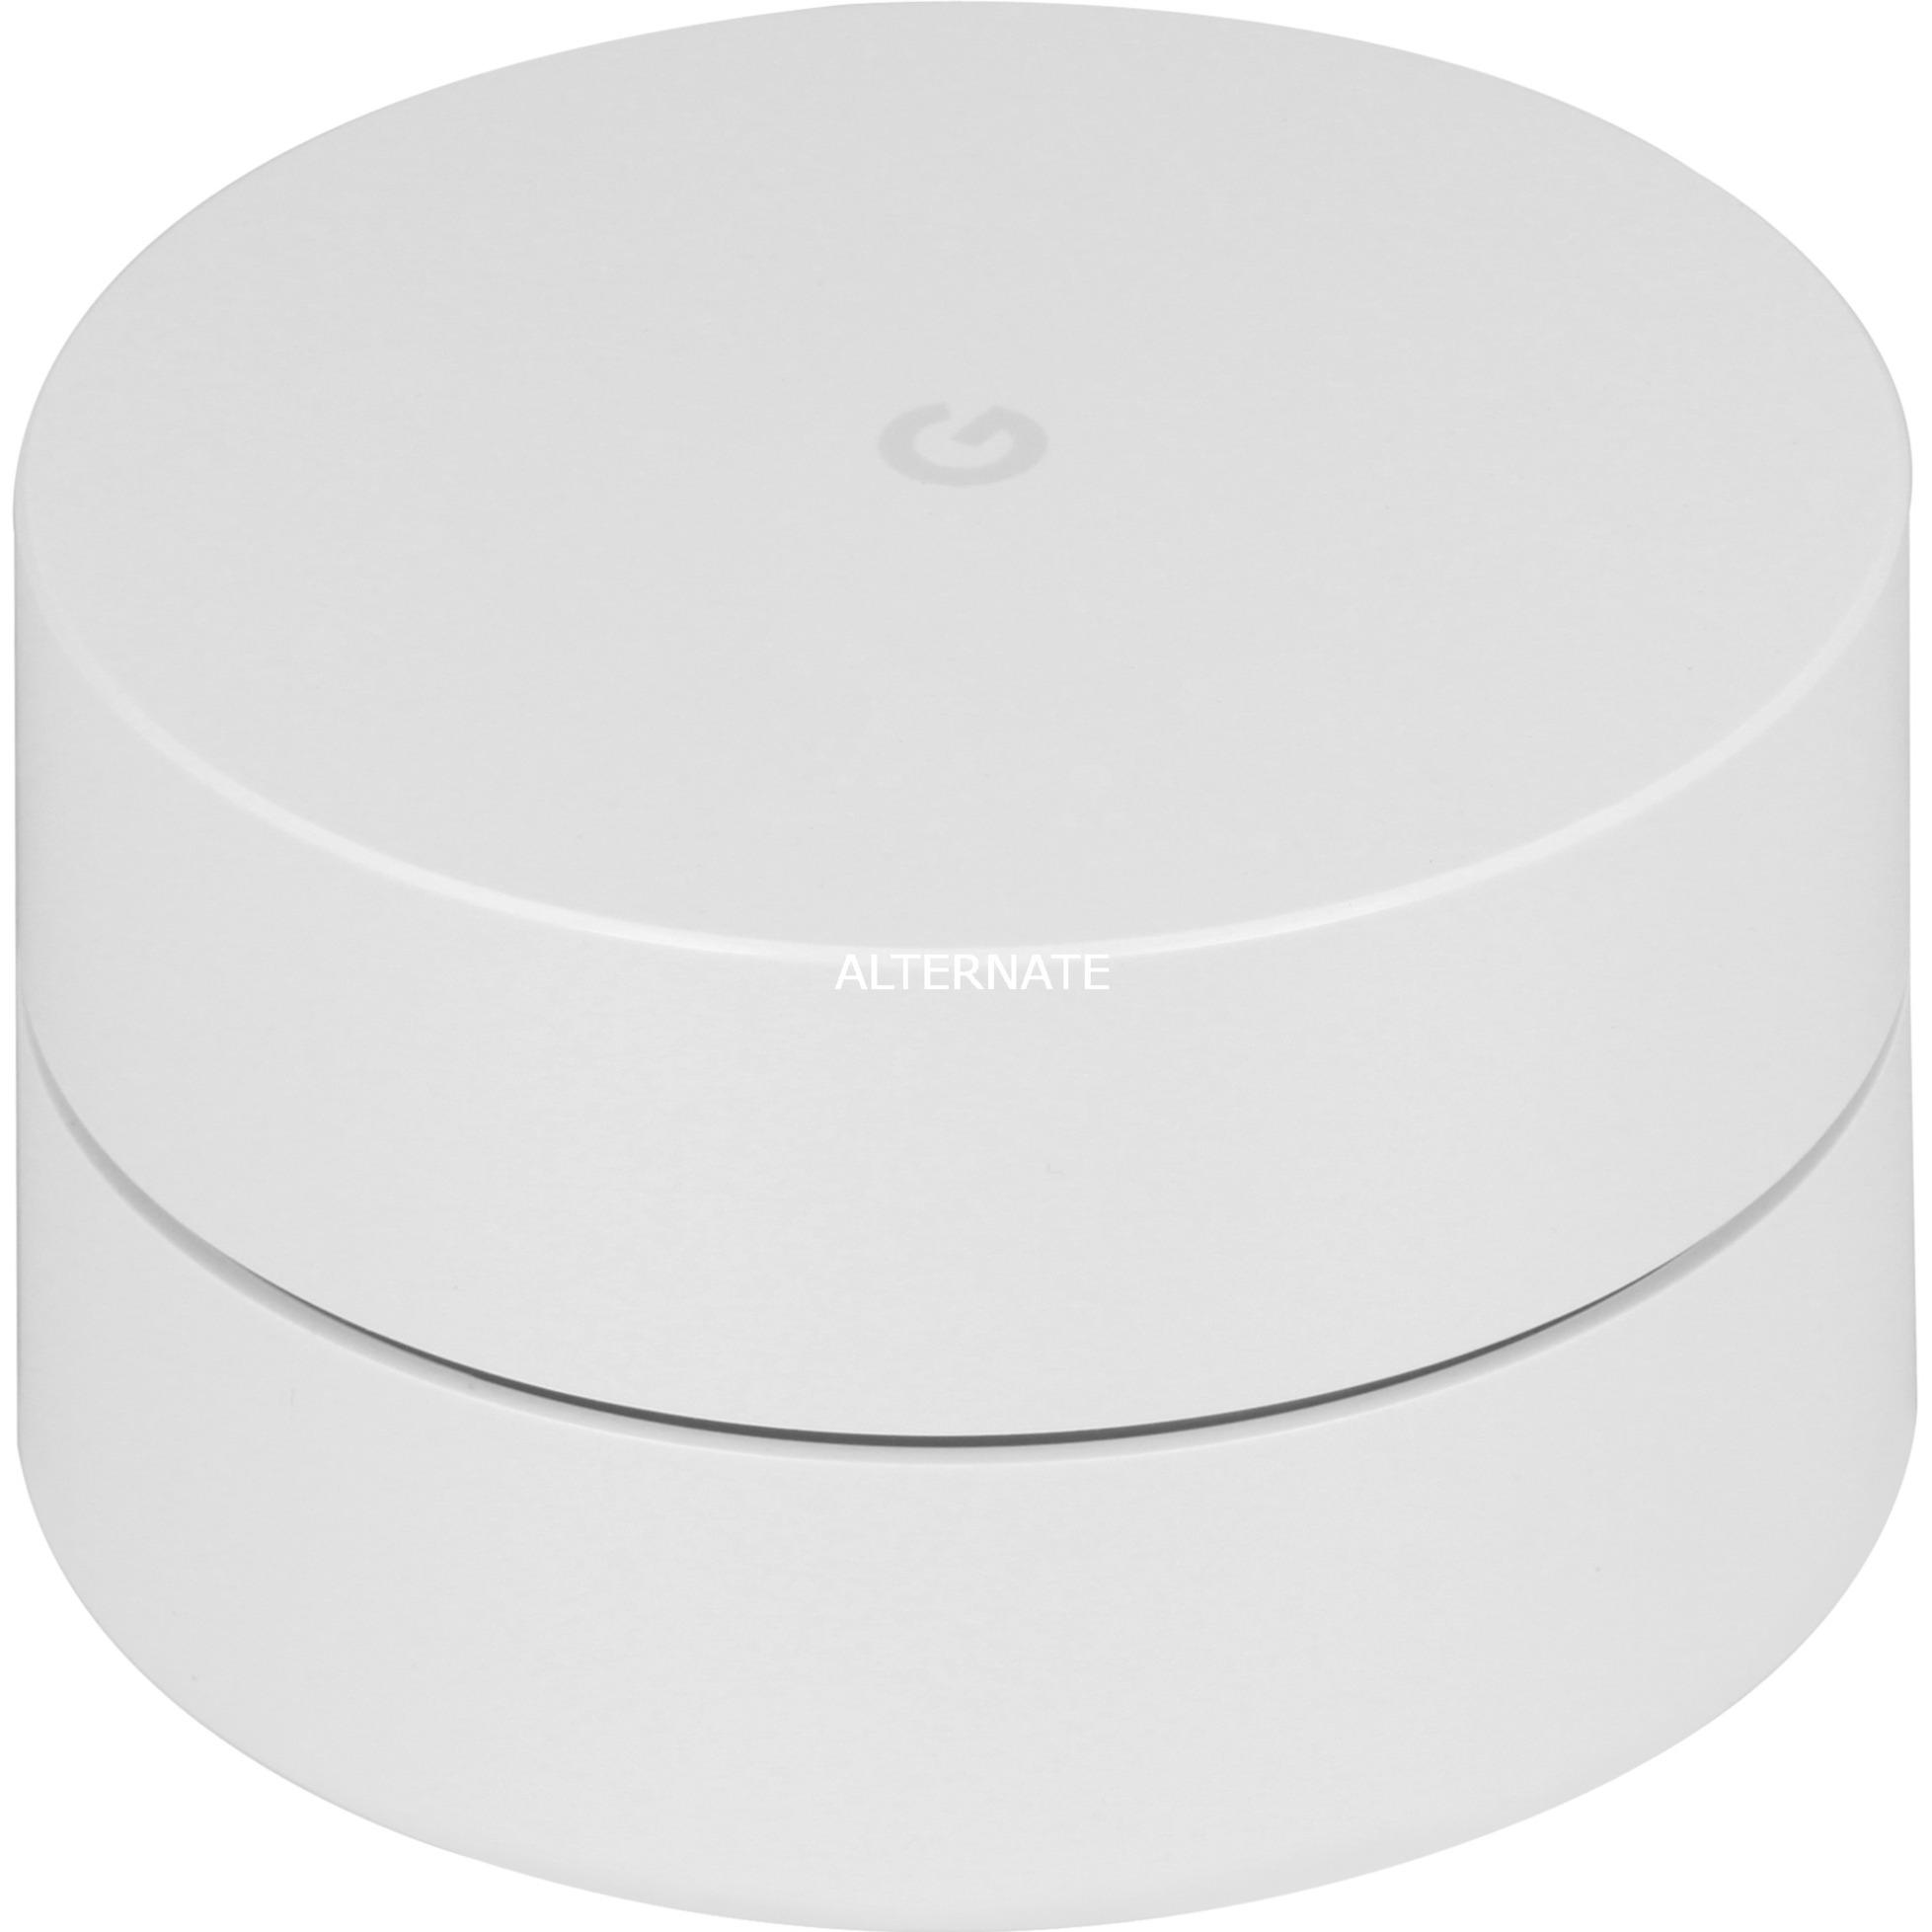 WiFi router inalámbrico Doble banda (2,4 GHz / 5 GHz) Gigabit Ethernet Blanco, Enrutador de malla